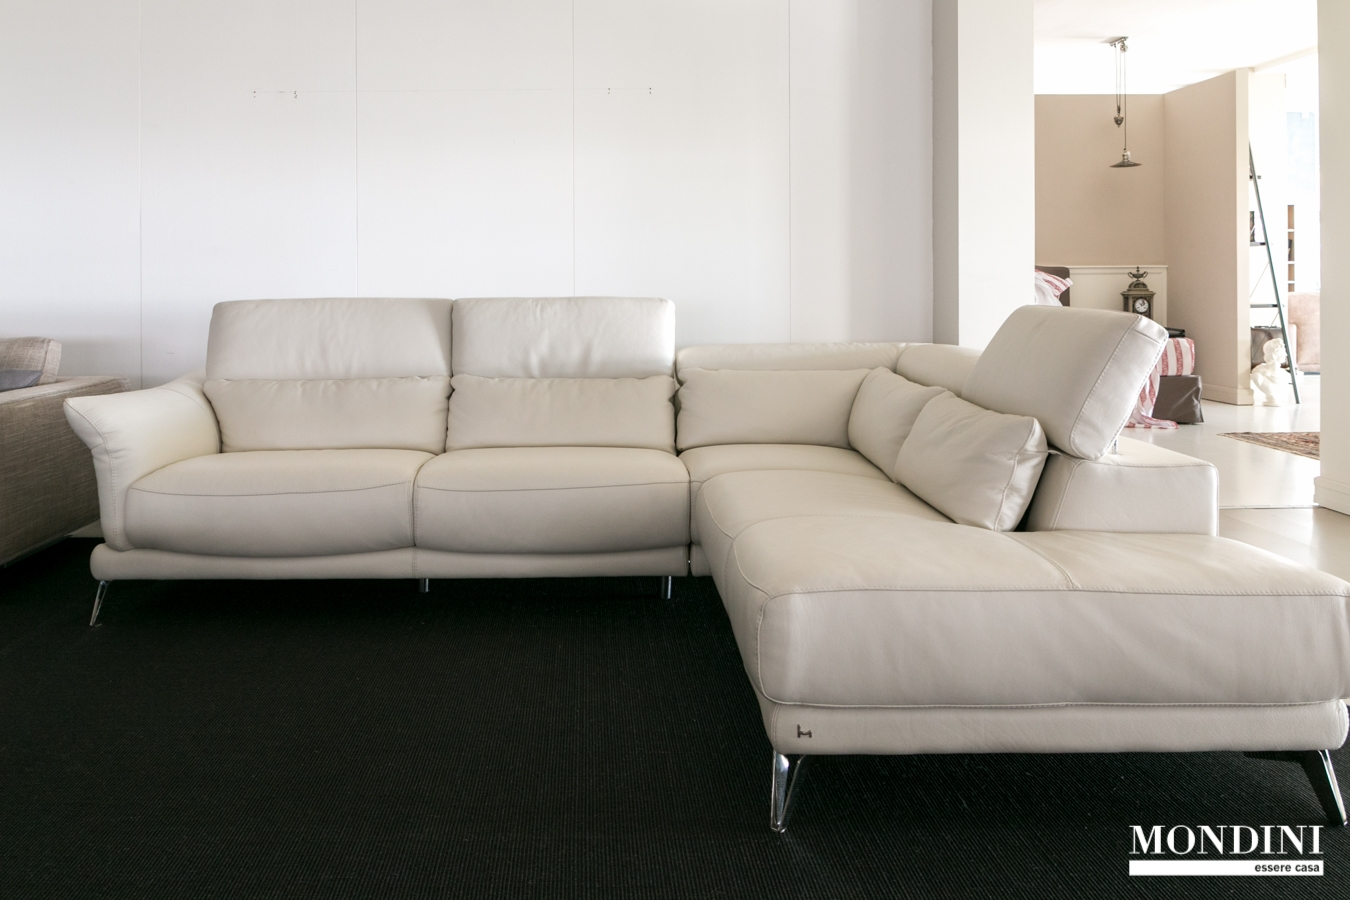 Divano ad angolo modello giotto di nicoletti scontato del 50 divani a prezzi scontati - Dimensioni divano ad angolo ...